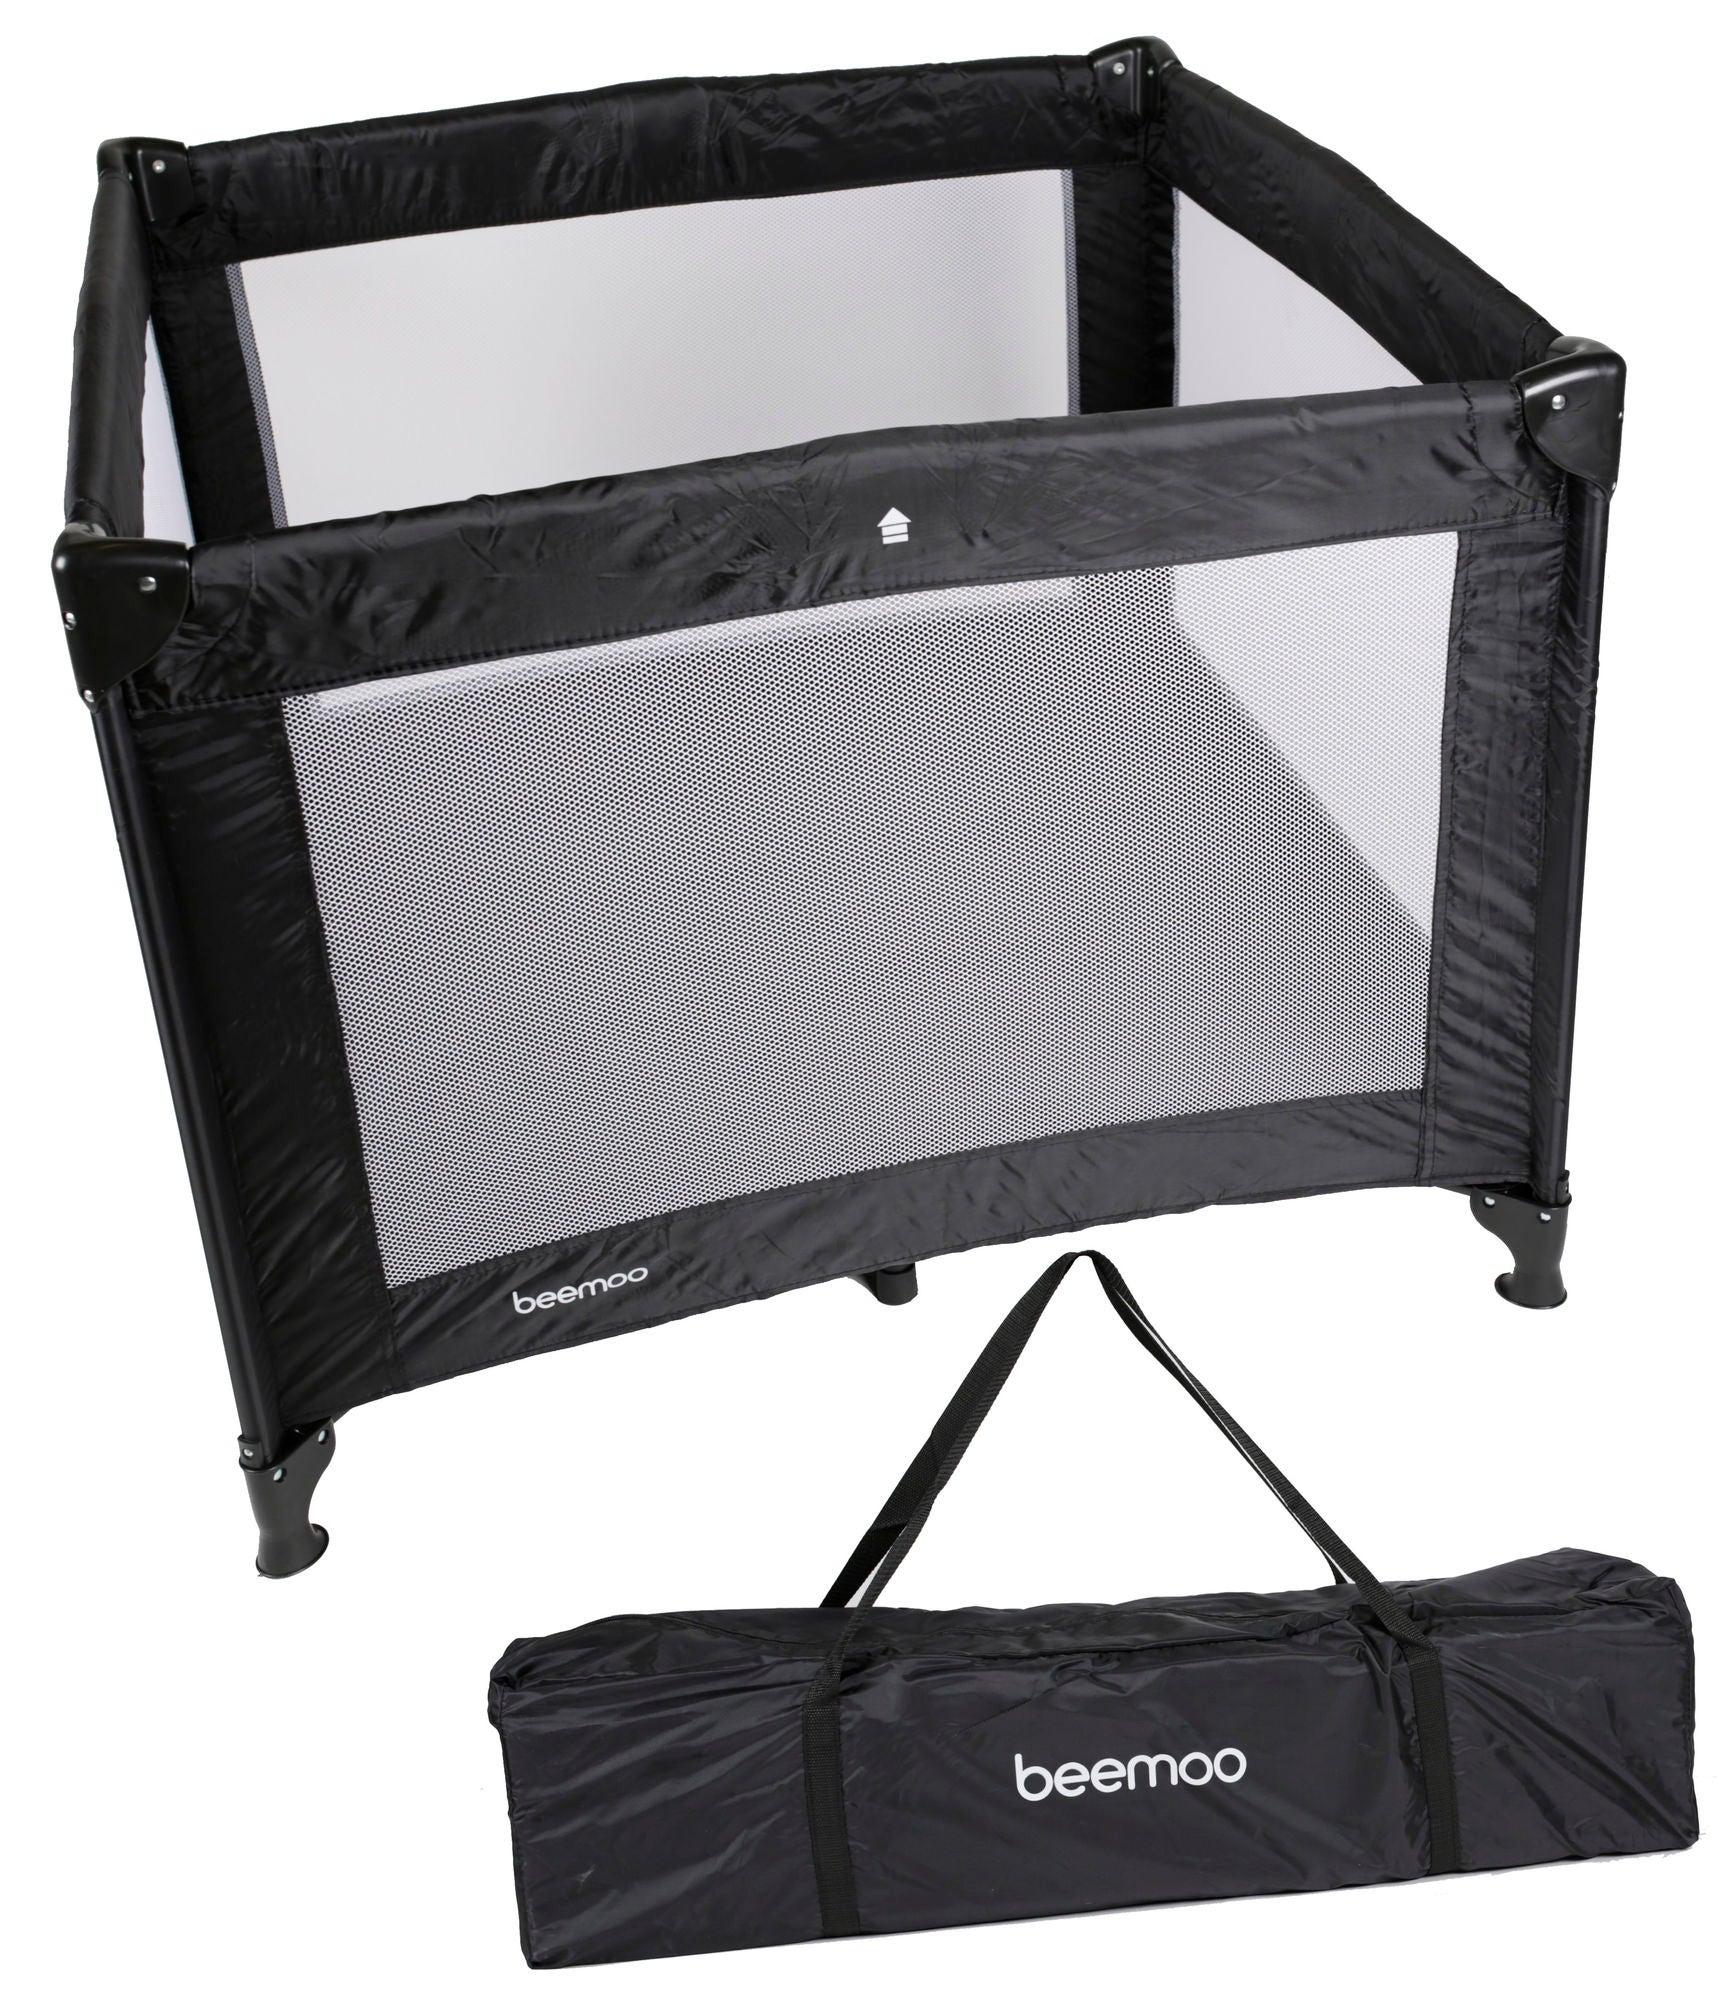 Beemoo Leikkikehä 90x90cm, Musta